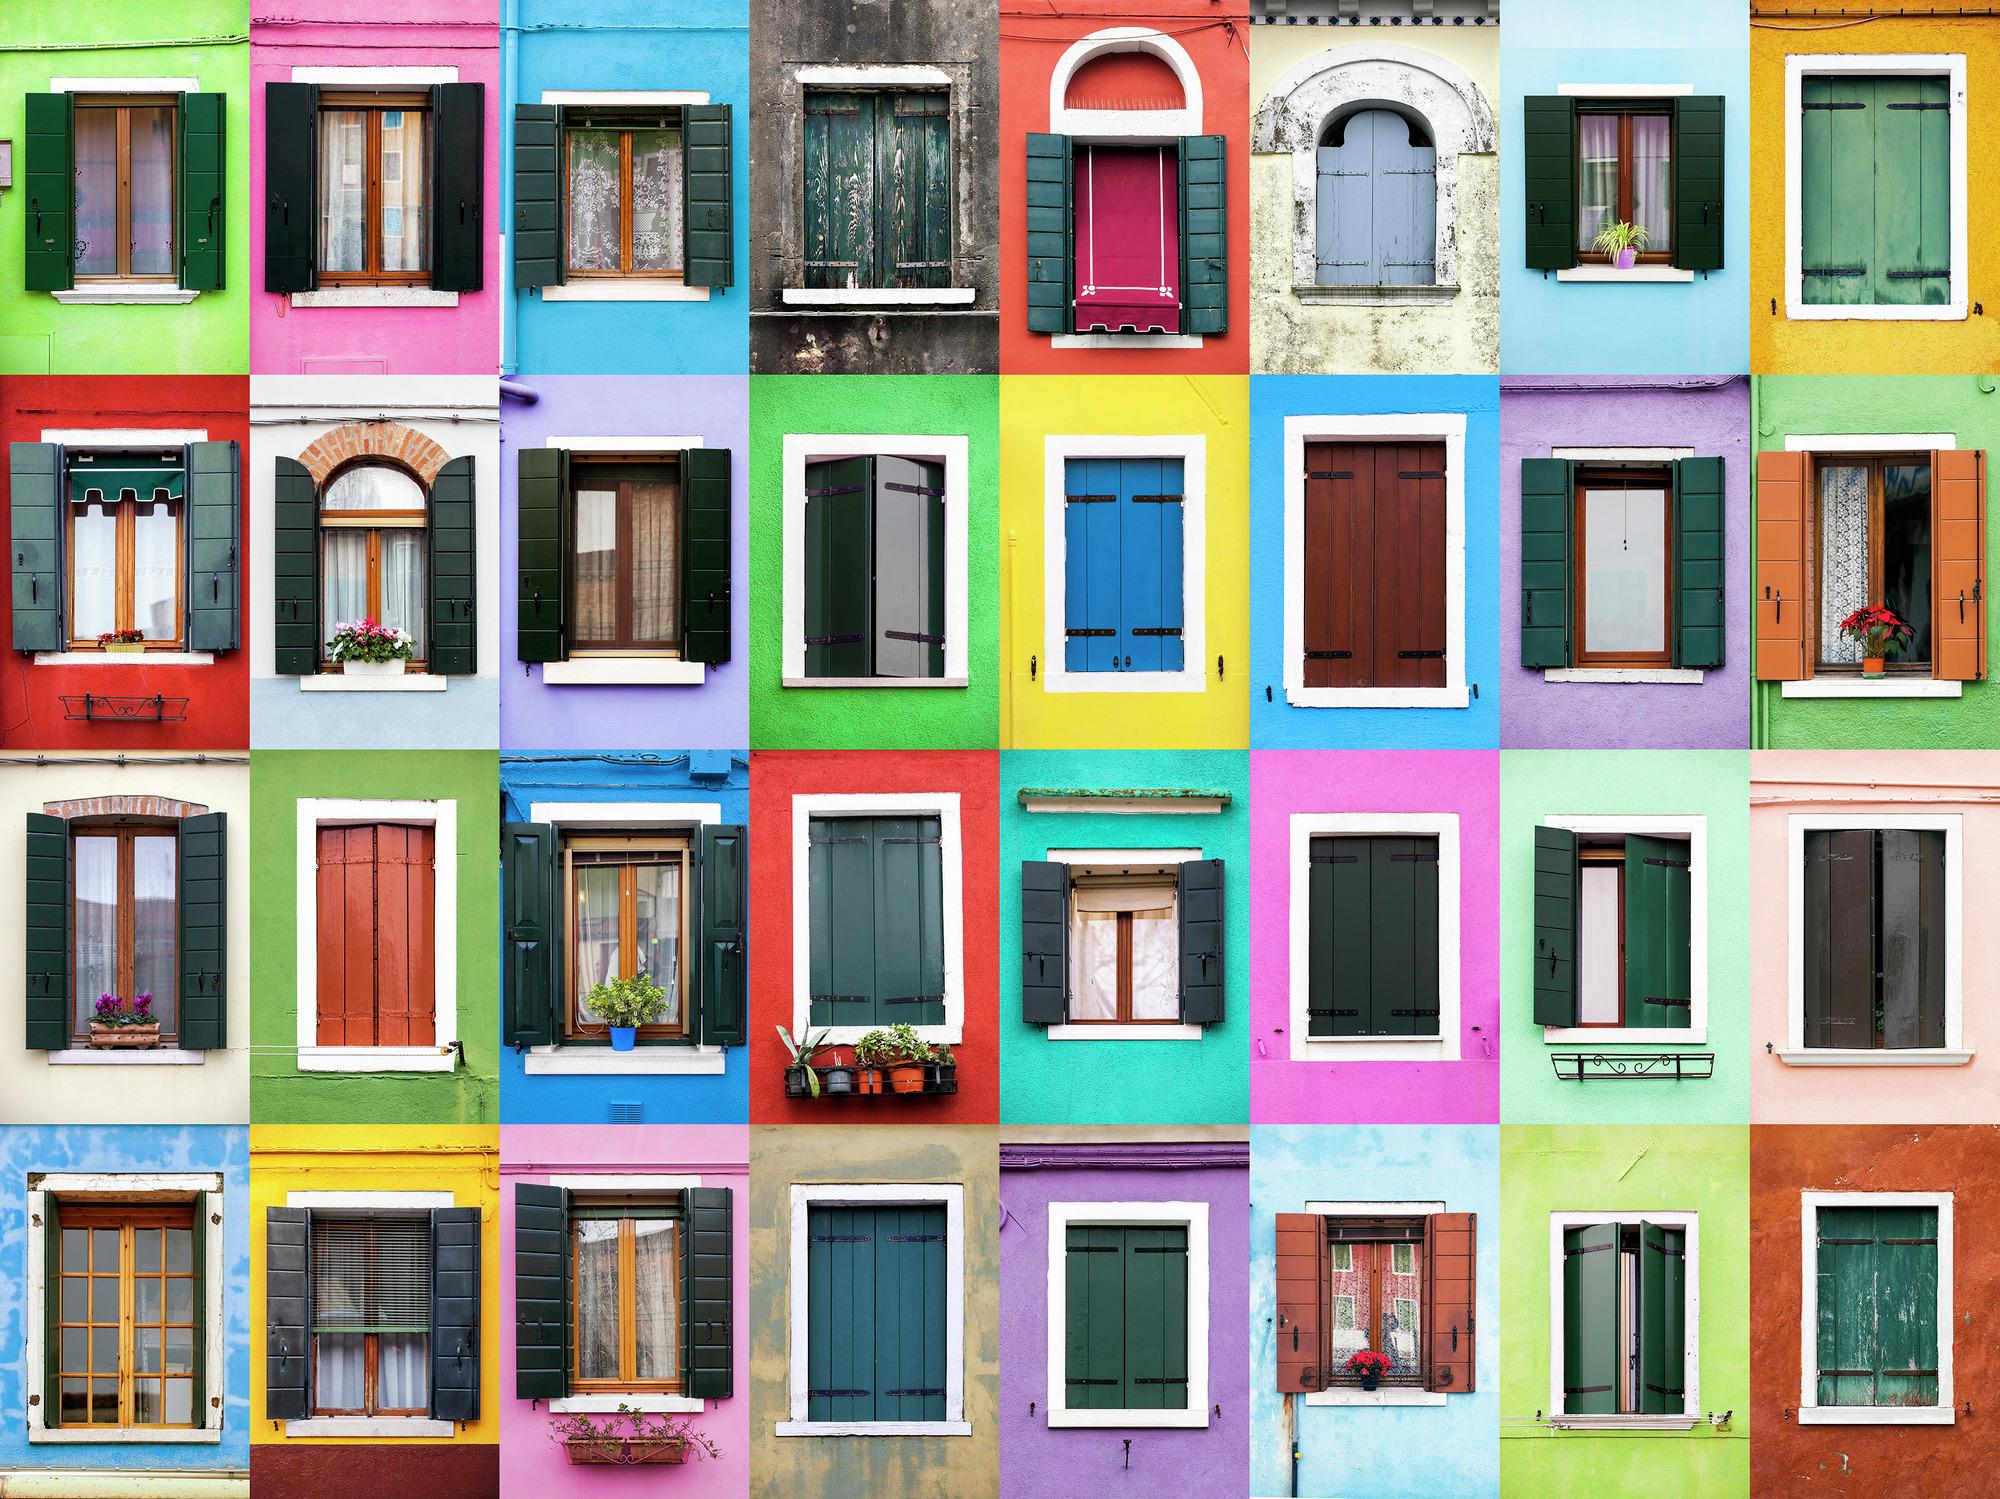 arte e arquitetura janelas do mundo andr vicente gon alves archdaily brasil. Black Bedroom Furniture Sets. Home Design Ideas